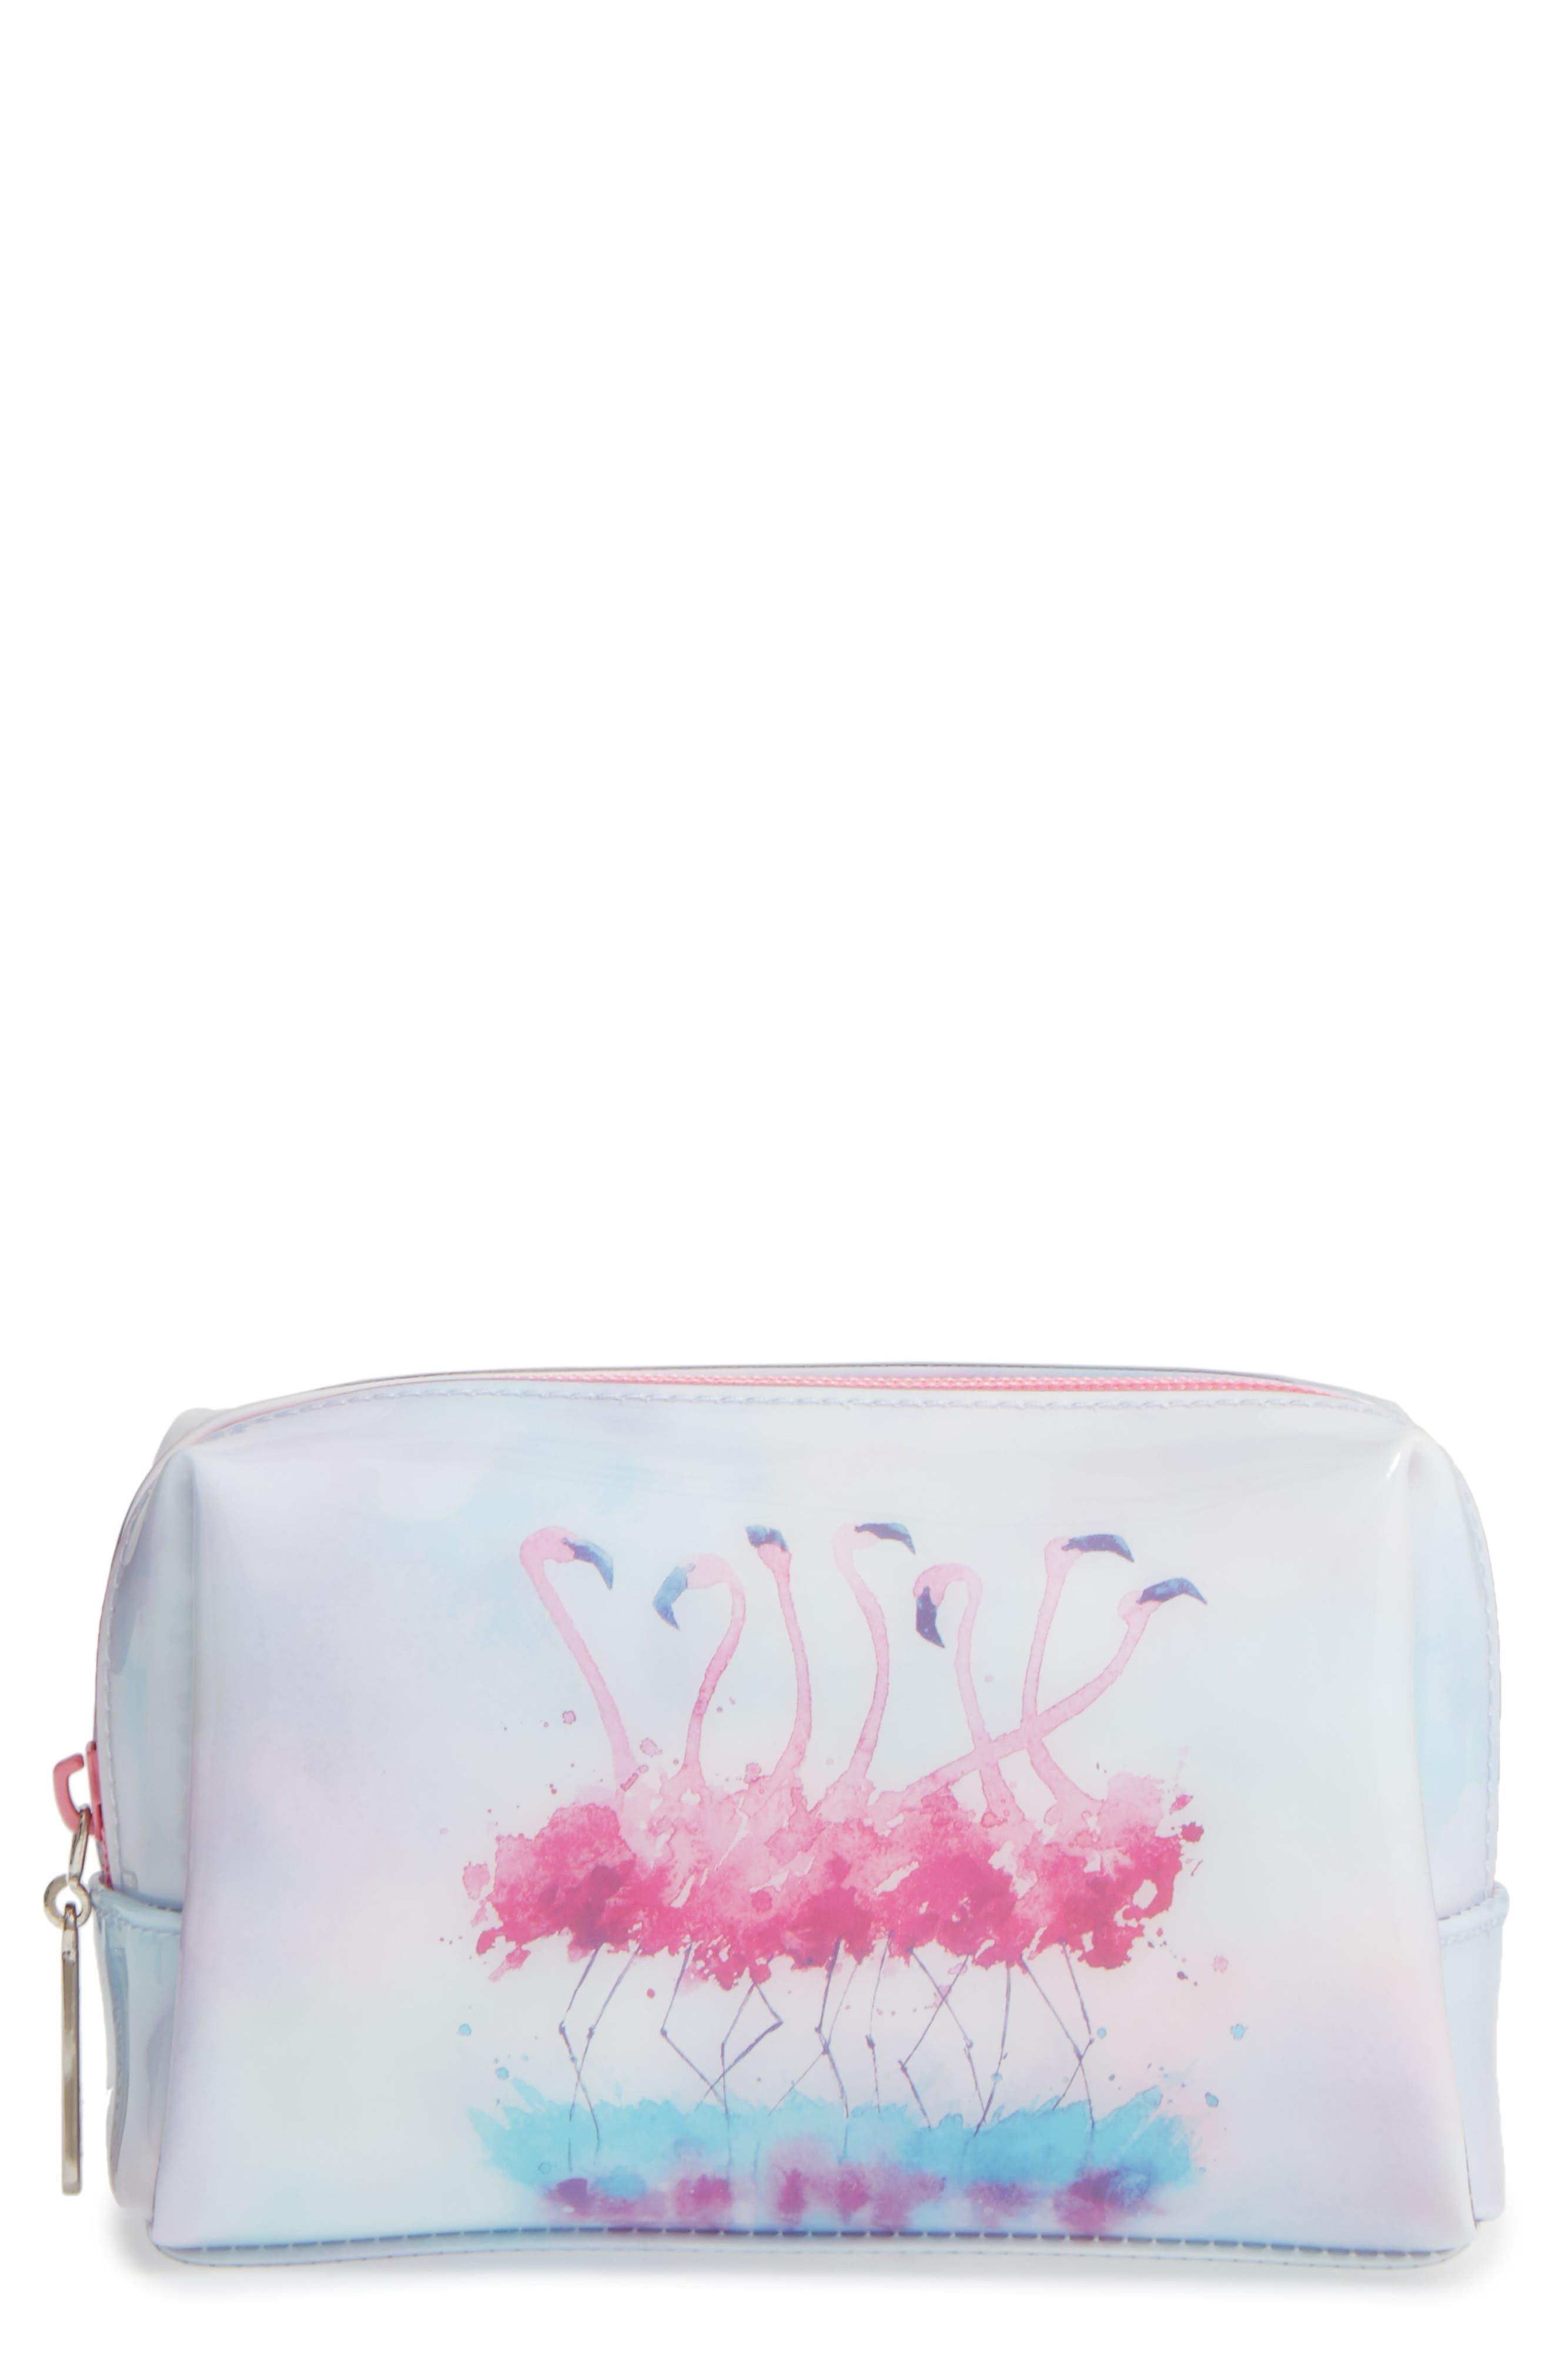 Catseye London Flamingo Cosmetics Bag